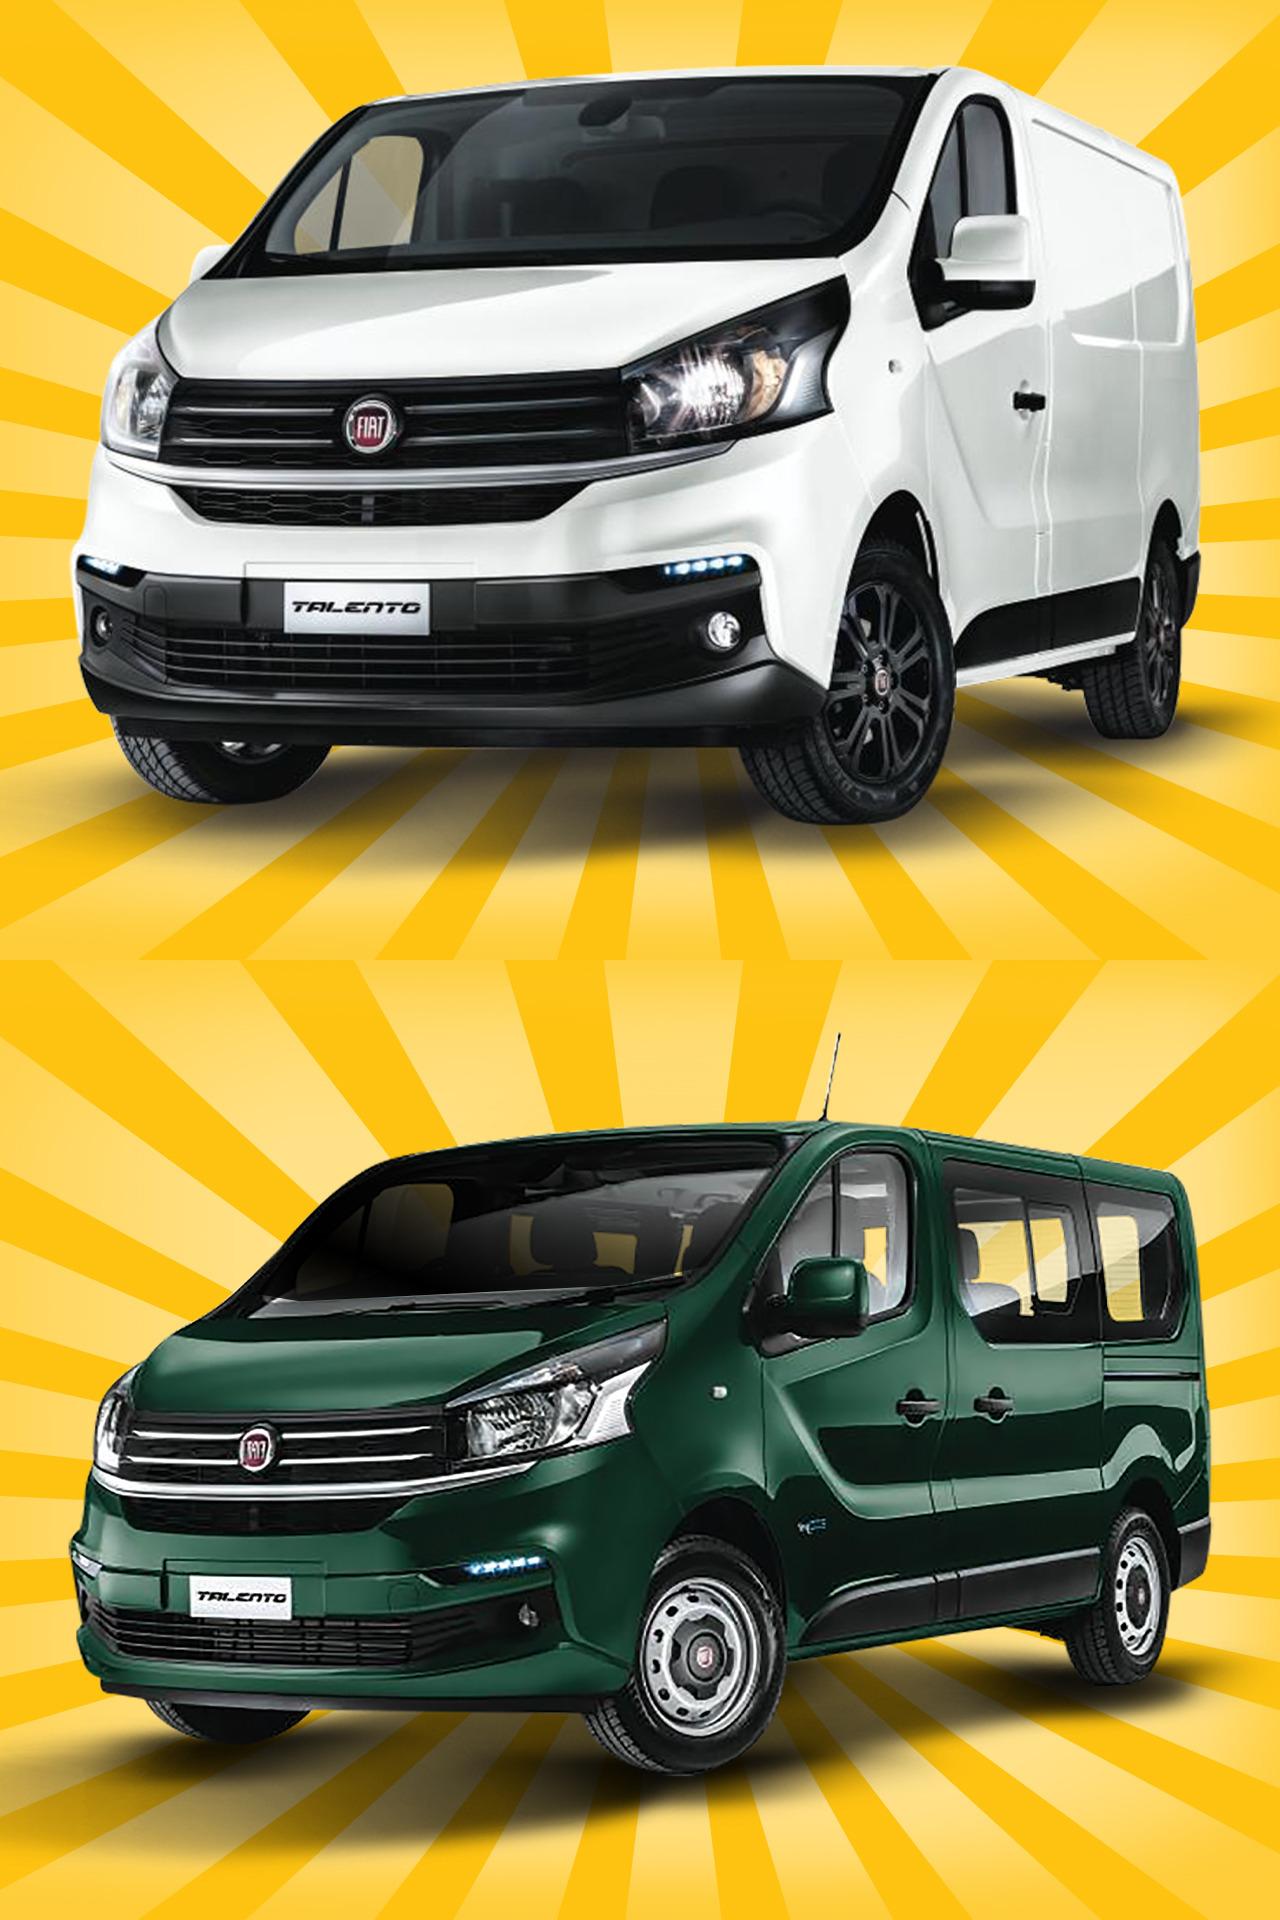 [Privat & Gewerbe] Fiat Talento Kastenwagen L2H1 oder Kombi (je 120PS) für 99€ bzw. 119€ netto, 12 Monate, 10.000 km p.a., inkl. Überführung